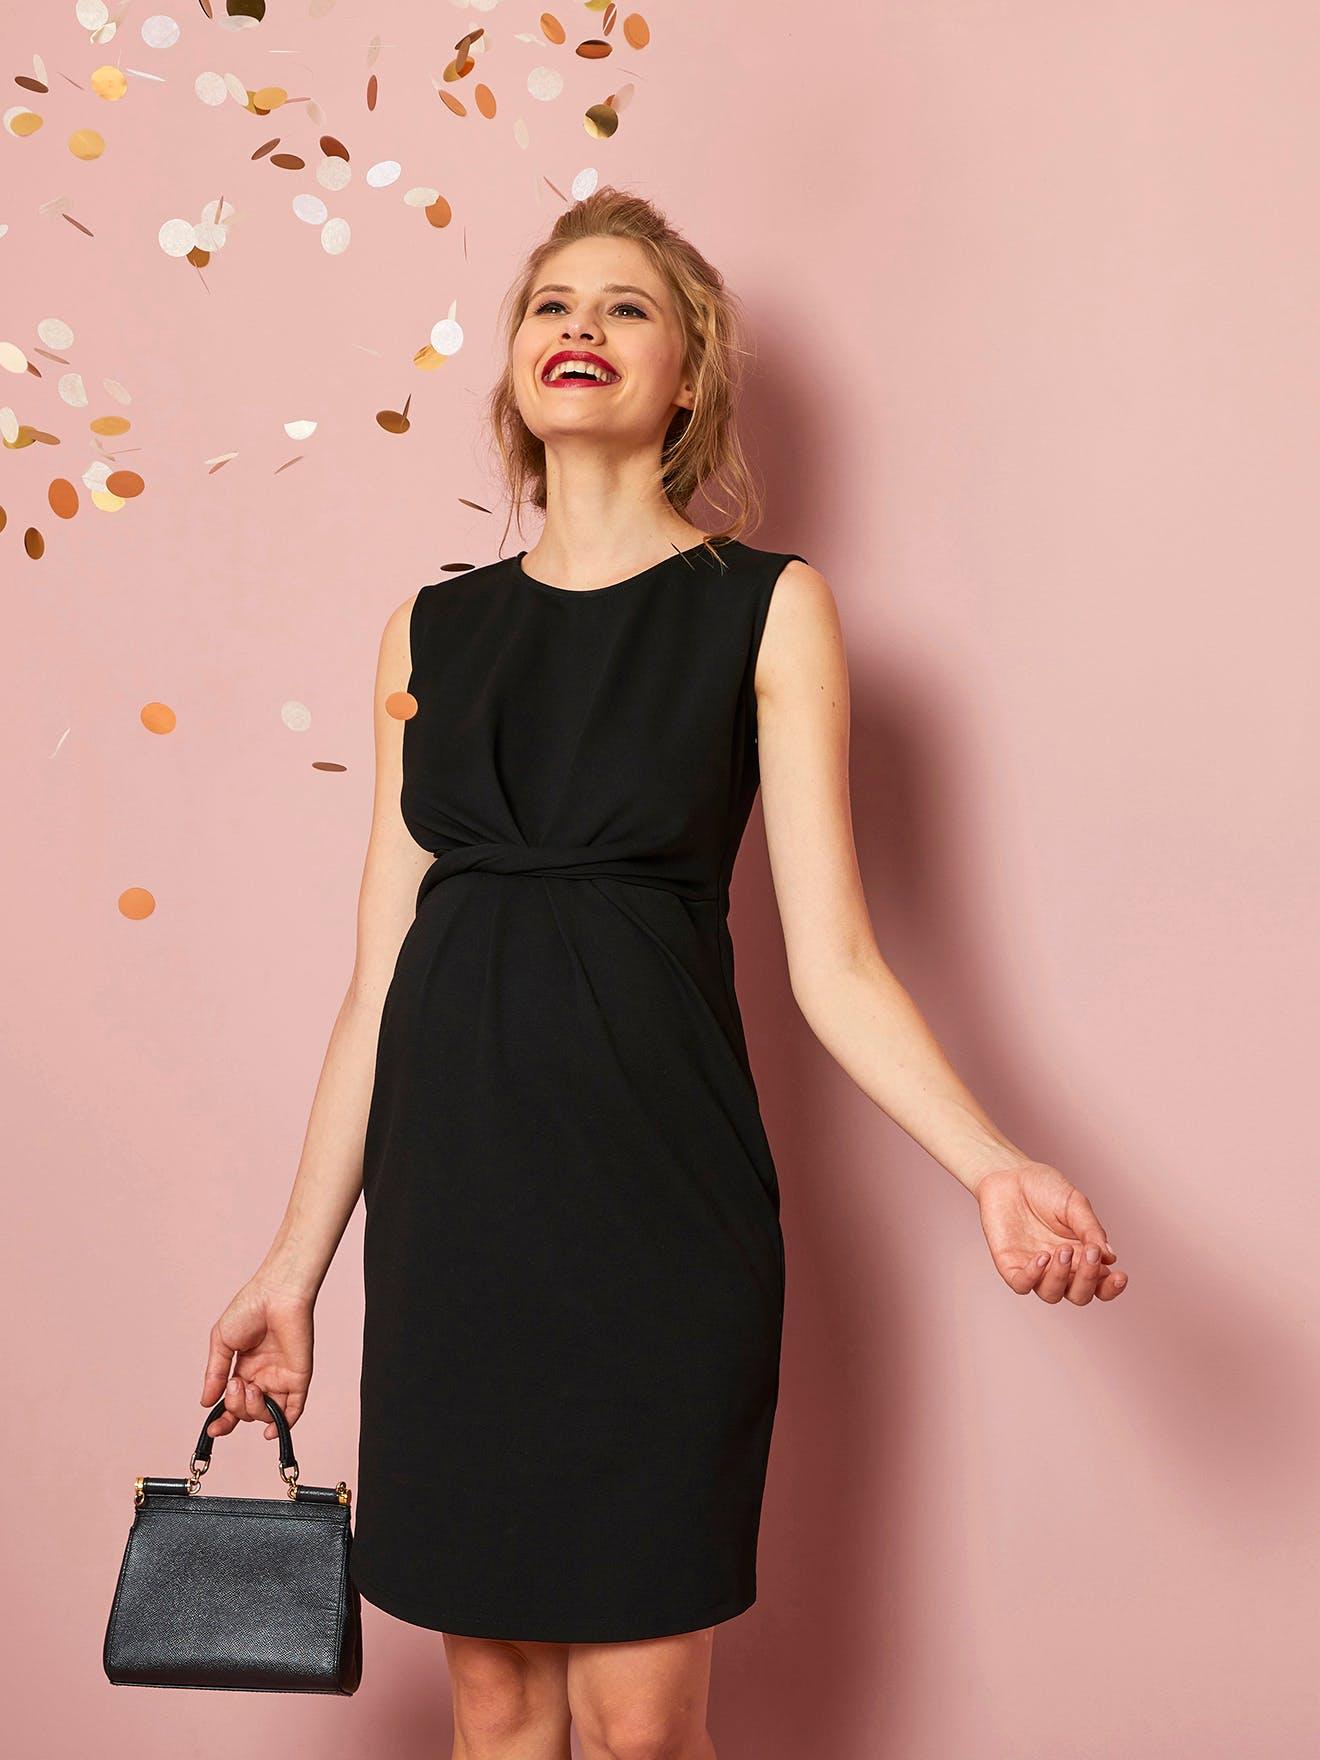 coupe classique meilleurs tissus couleurs harmonieuses 2018 : 15 tenues de grossesse pour les fêtes | PARENTS.fr